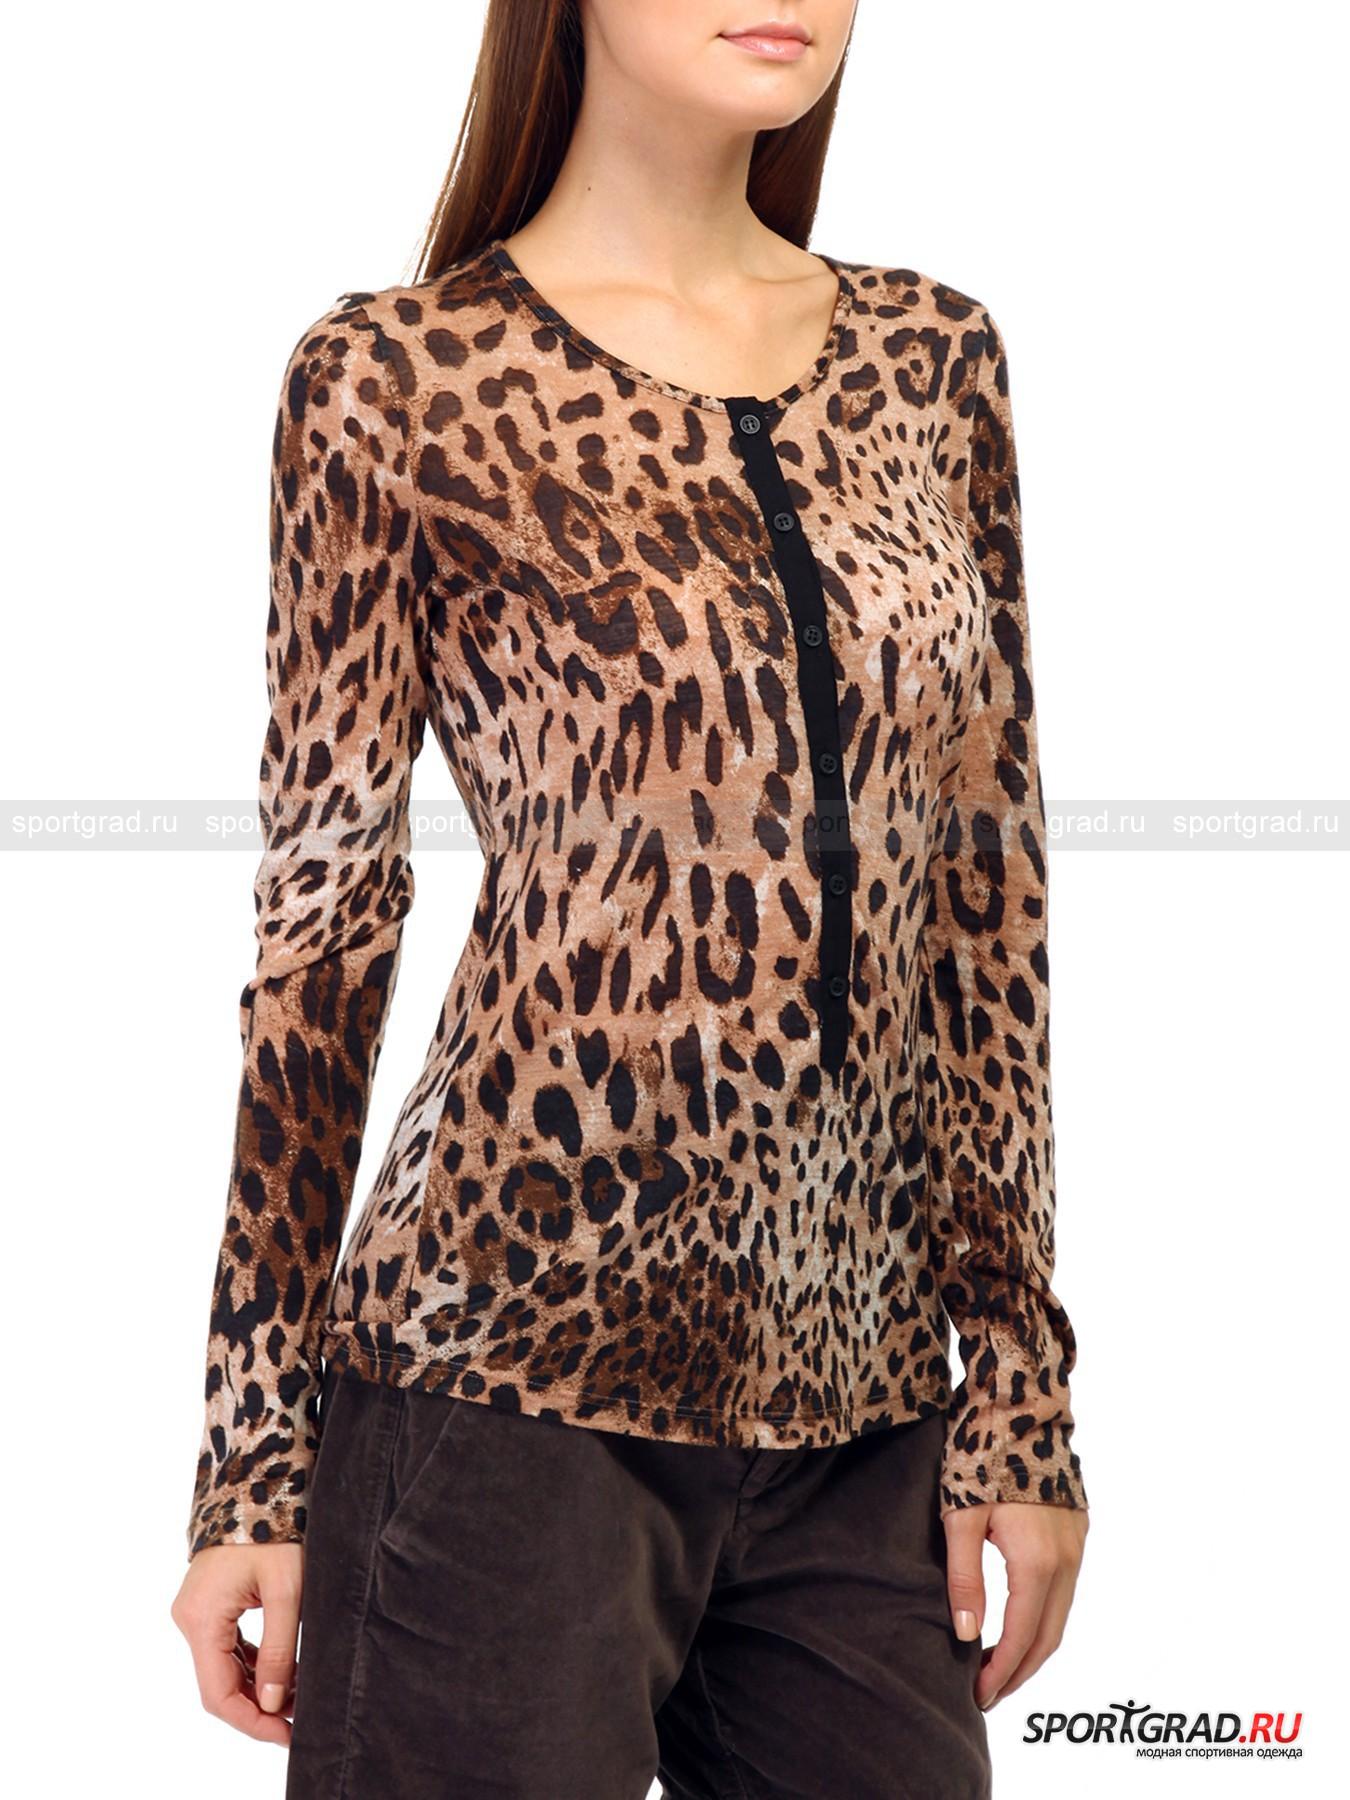 Блузка Леопард Купить